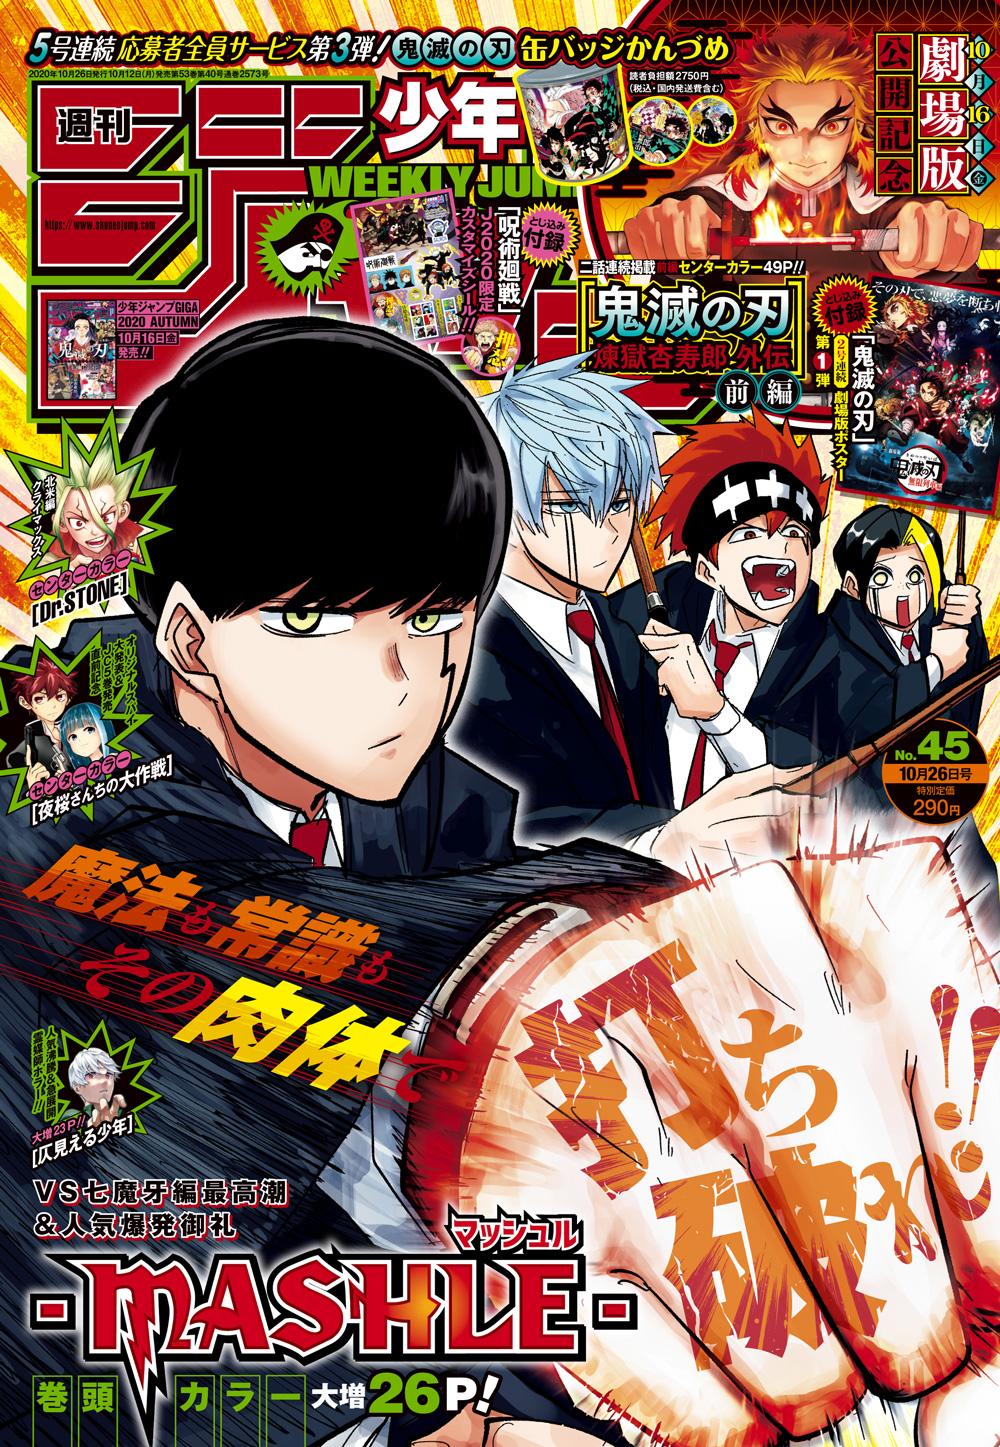 週刊少年ジャンプ 2020年45号 [Weekly Shonen Jump 2020 No.45+RAR]